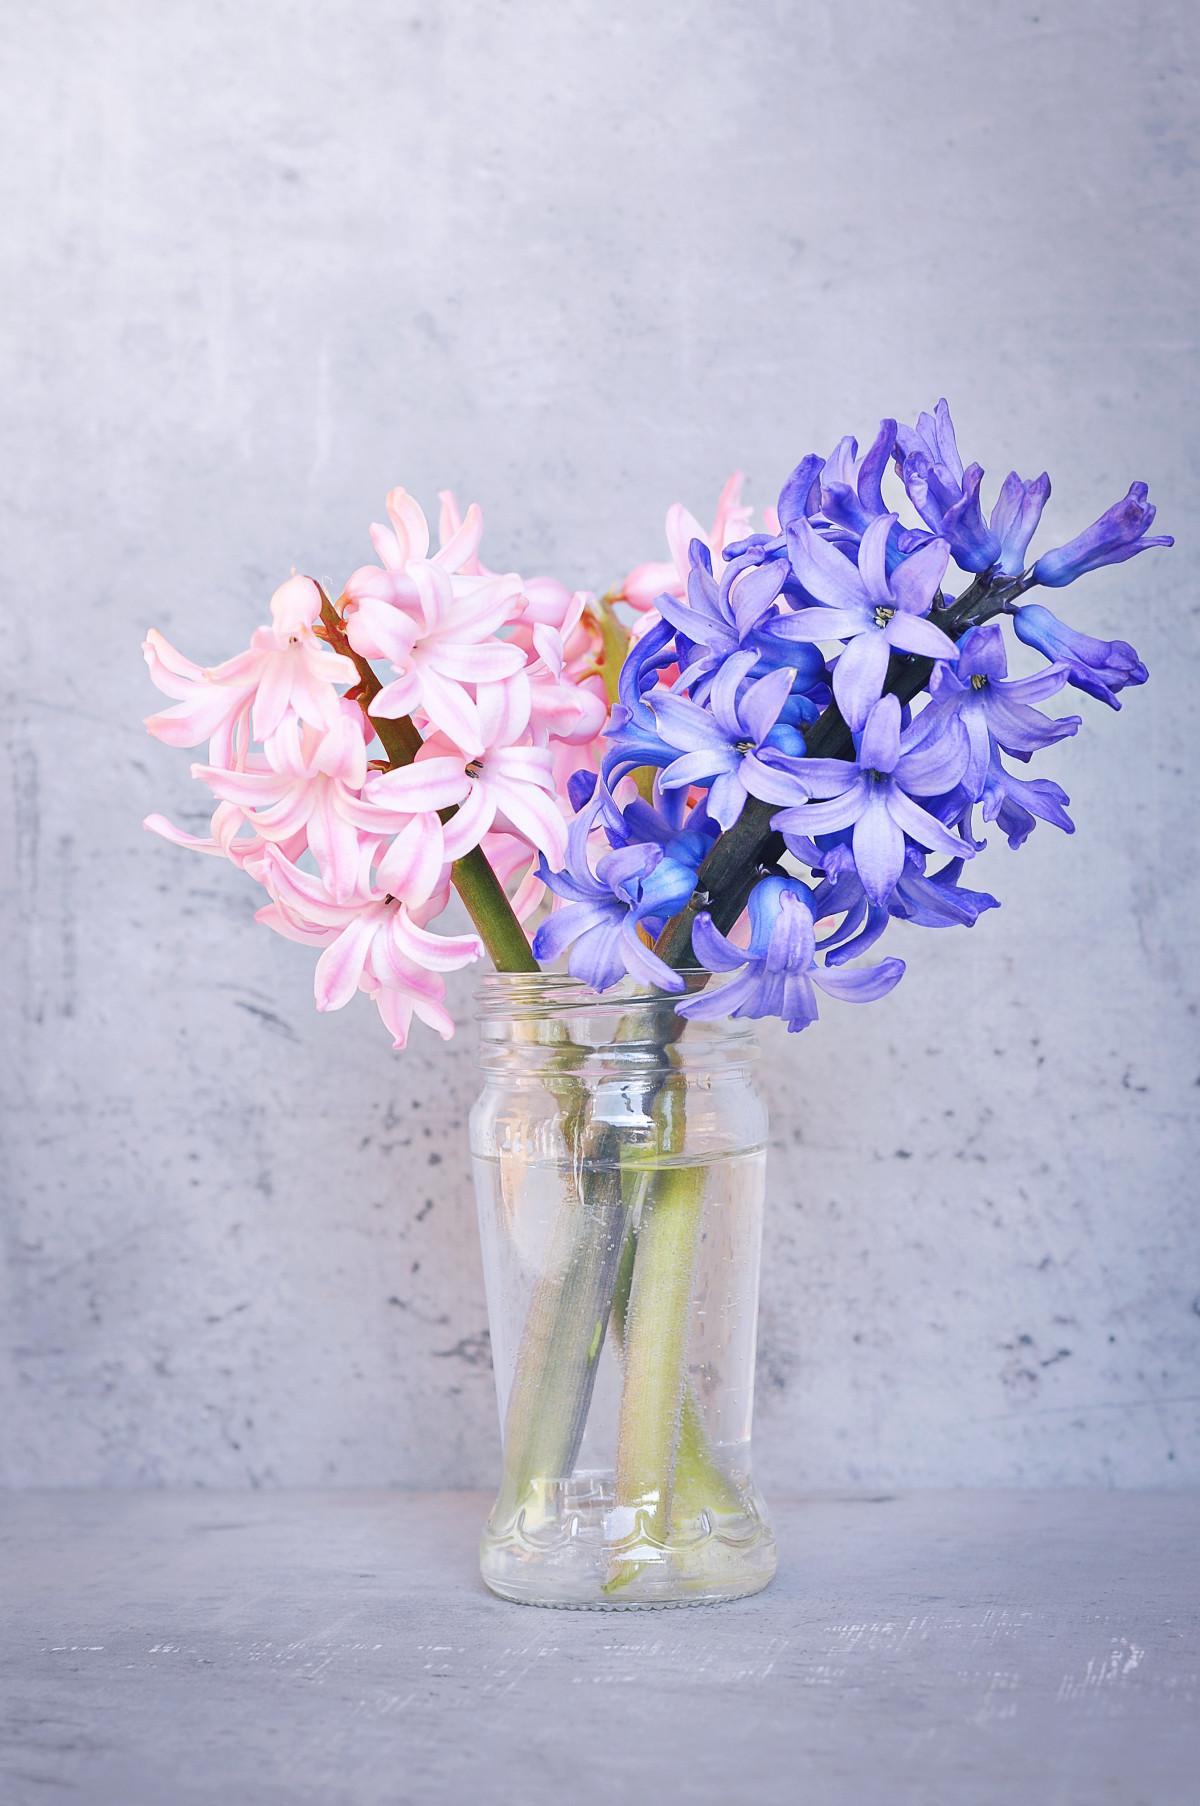 Free Images Number Color Close Blue Flower Font Art Shield